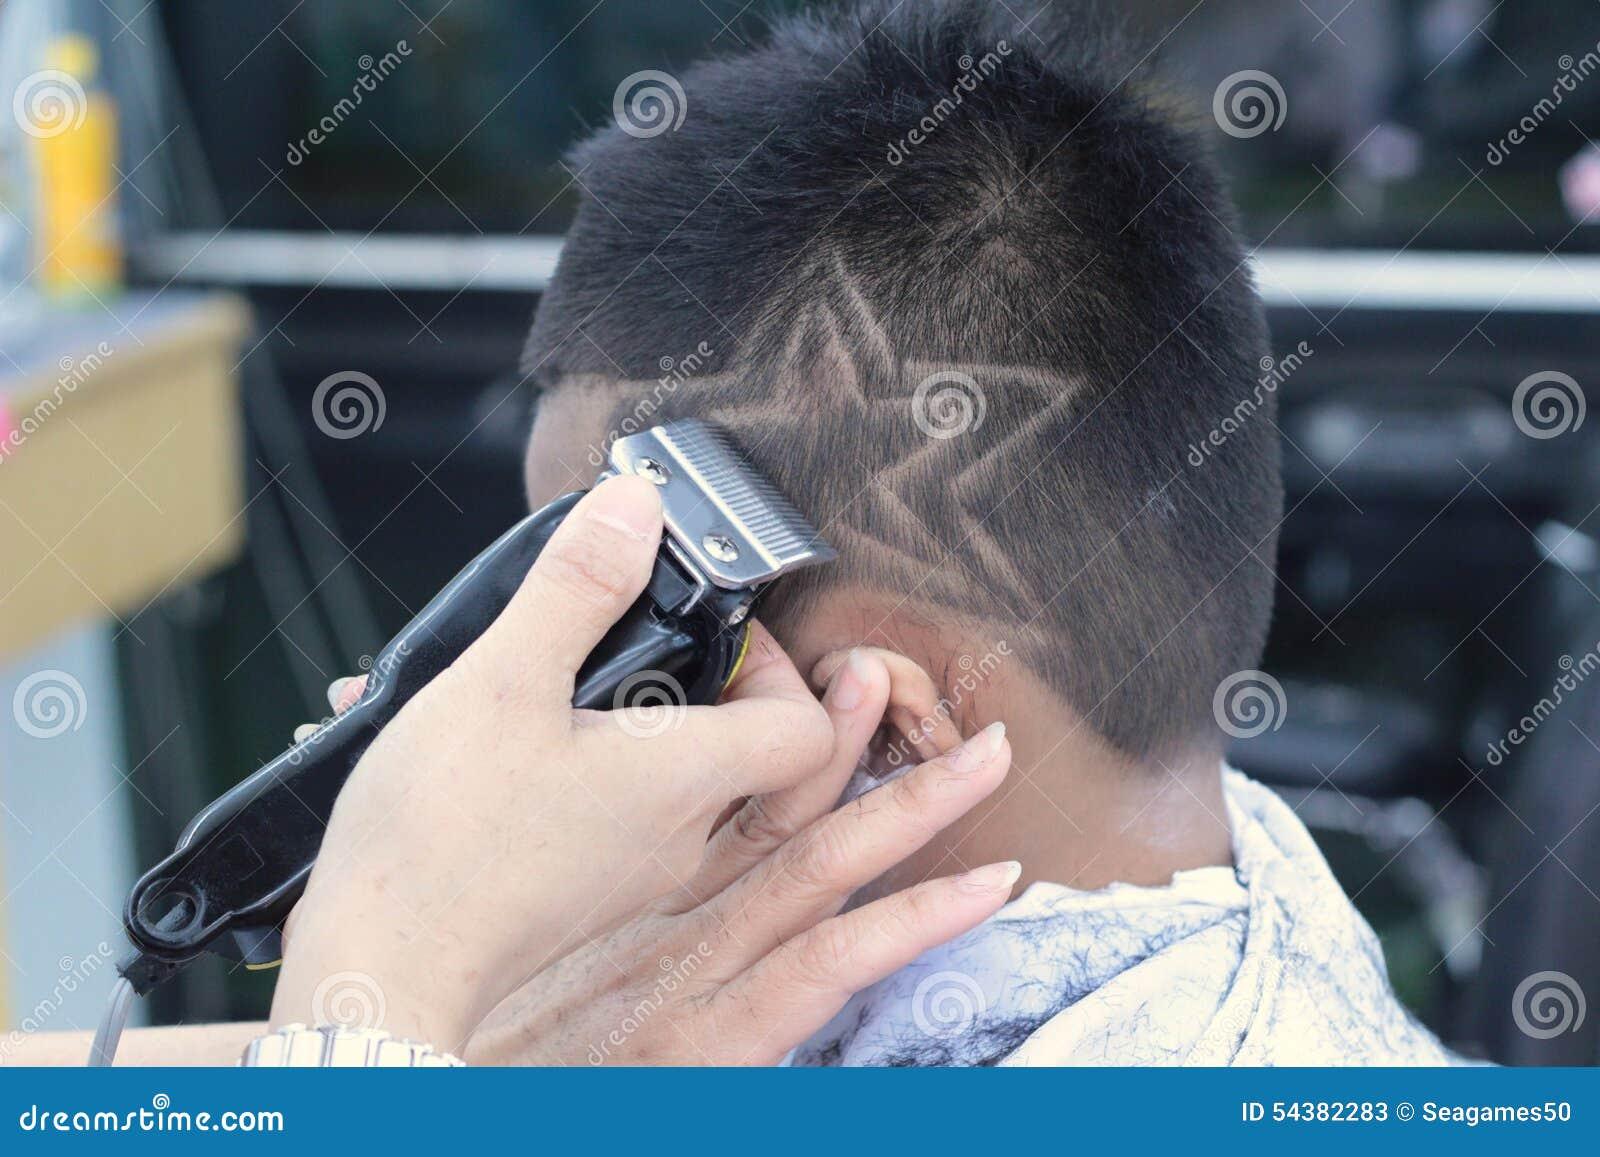 La Coupe De Cheveux Du Gar On Avec La Tondeuse Et Le Rasoir Dans Le Salon De Coiffure Photo: coupe garcon tondeuse